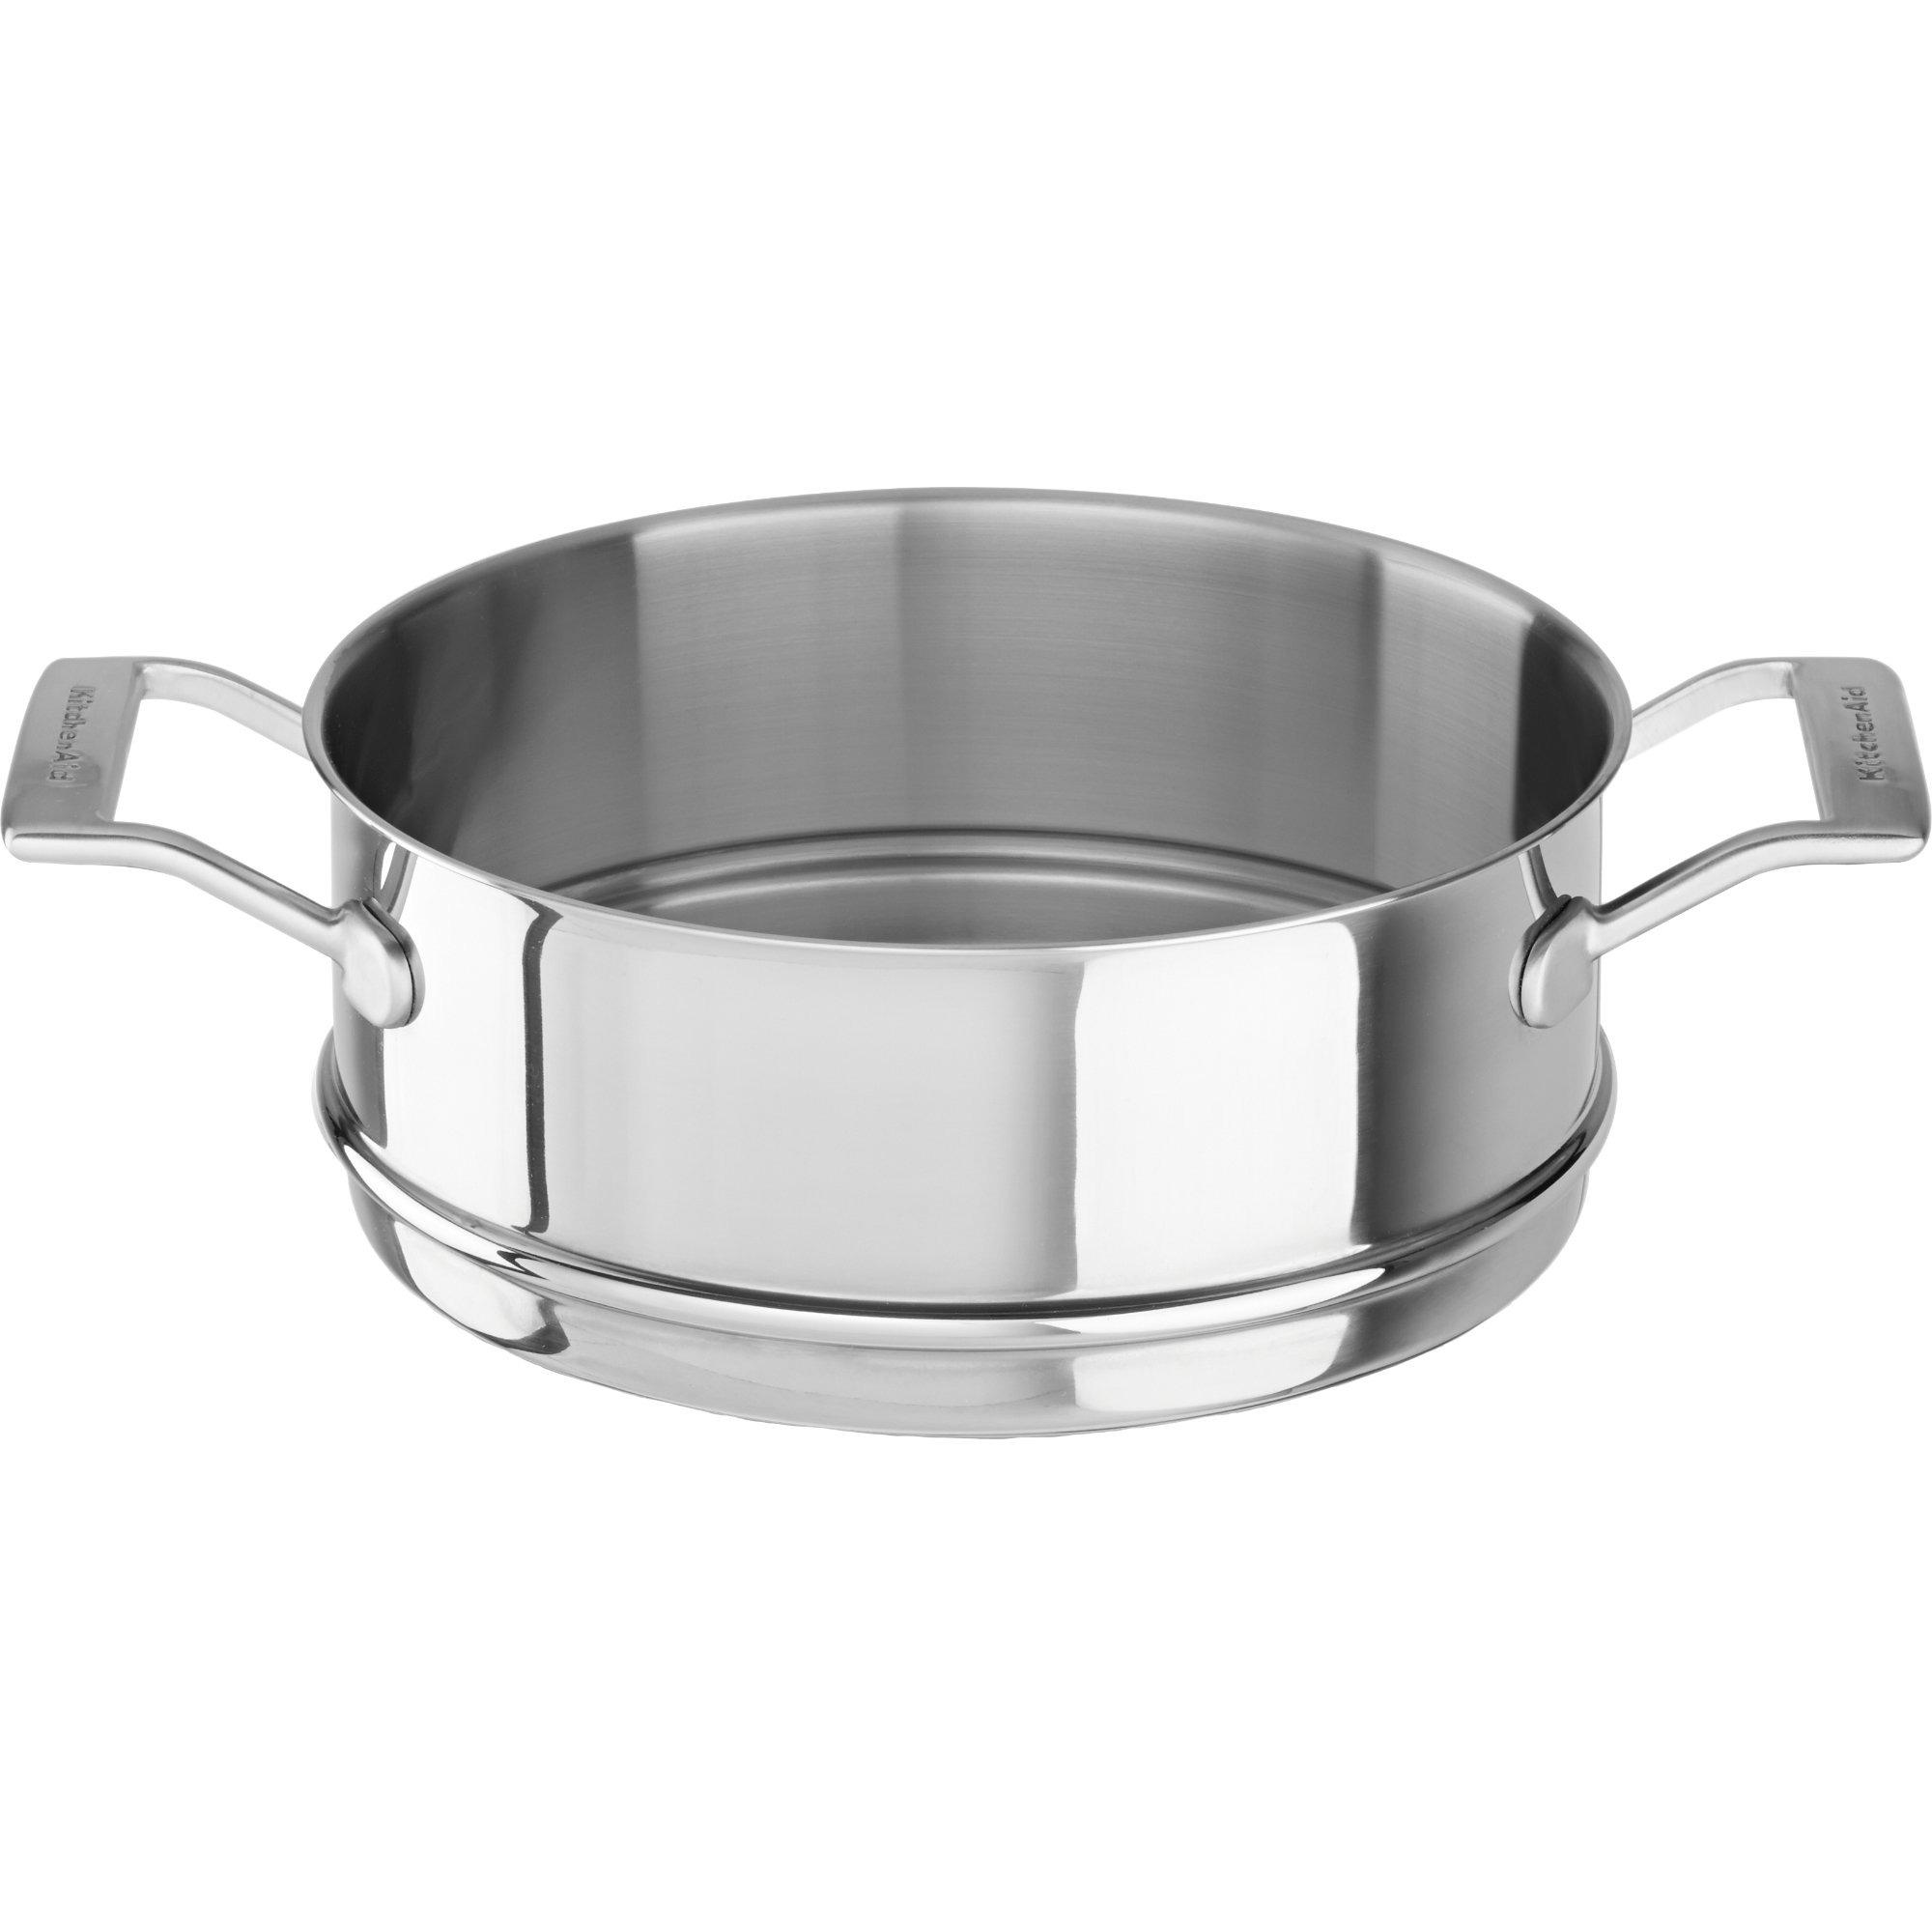 KitchenAid Inlägg till Ångkastrull 24 cm